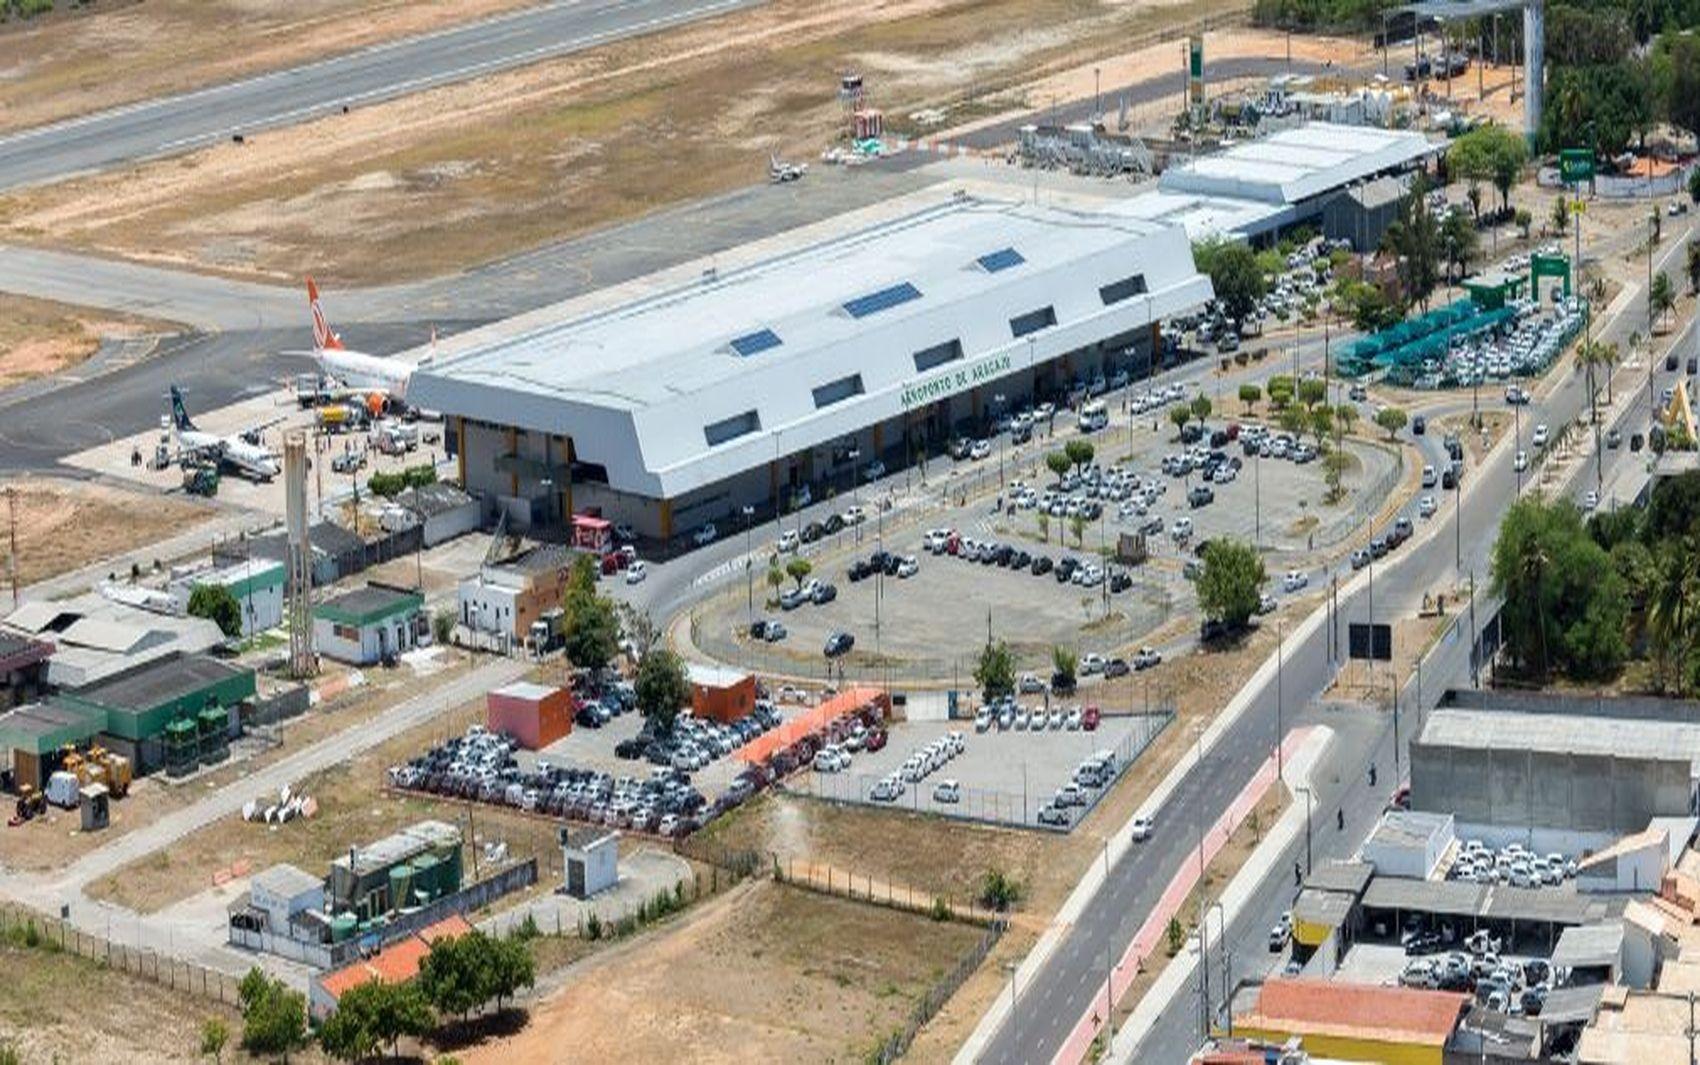 Aeroporto de Aracaju vai deixar de ser administrado pela Infraero nesta quinta-feira